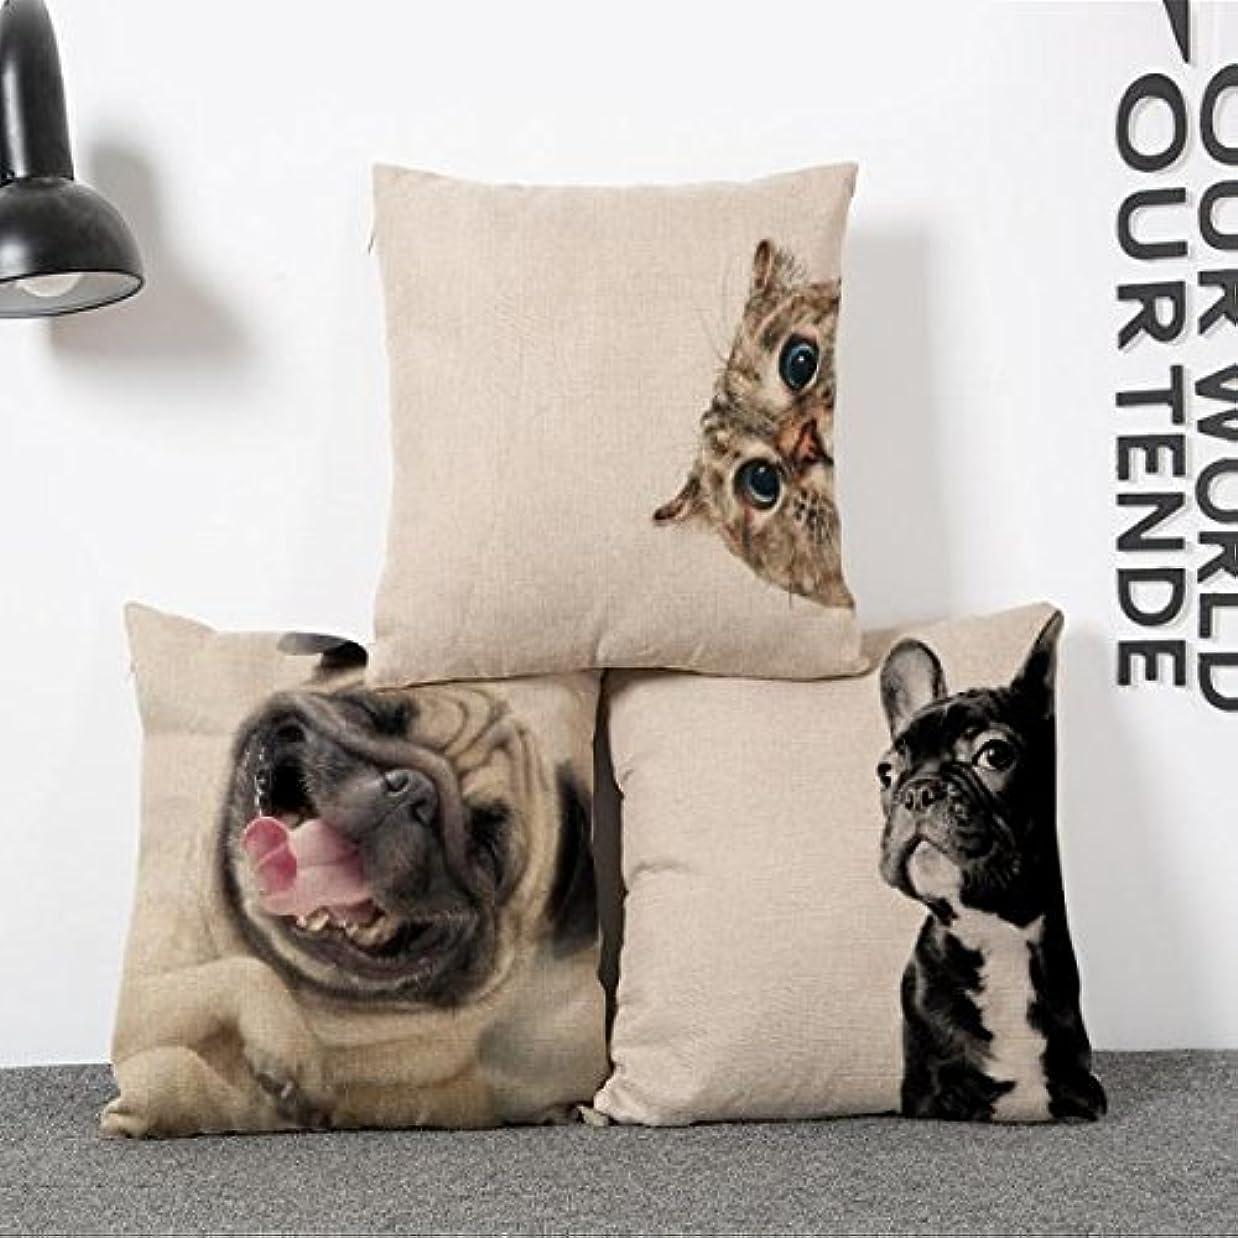 サーマル筋手首クッションカバー 枕カバー ベッド ソファ 装飾 45 * 45センチメートル 素敵 犬 コットン リネン